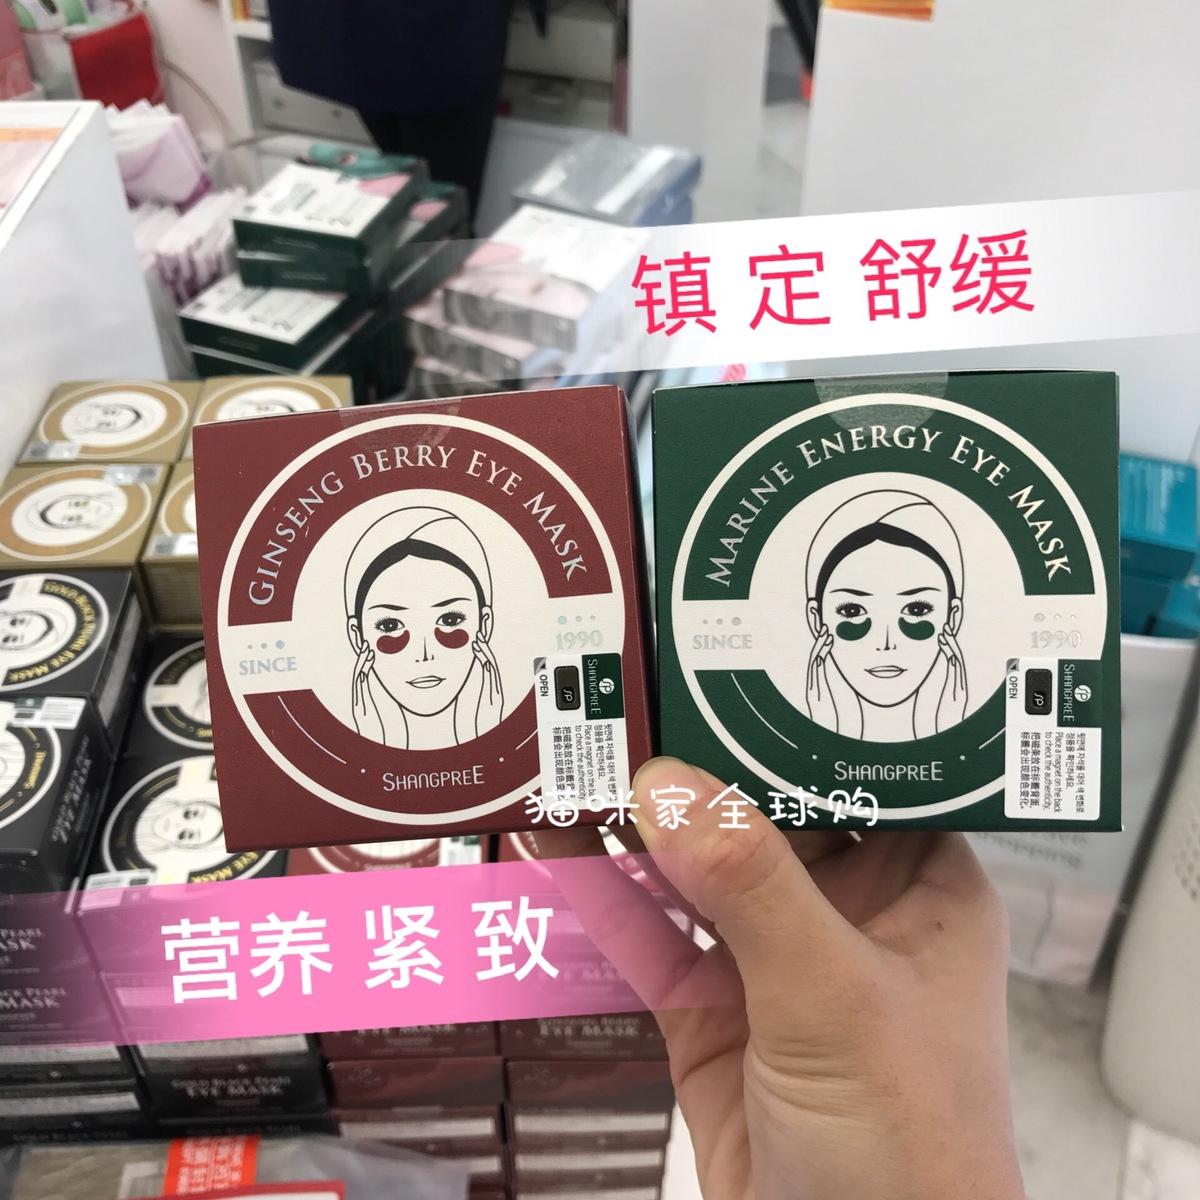 猫咪家 韩国香蒲丽shangpree眼膜营养黑眼圈改善细纹热卖备注颜色